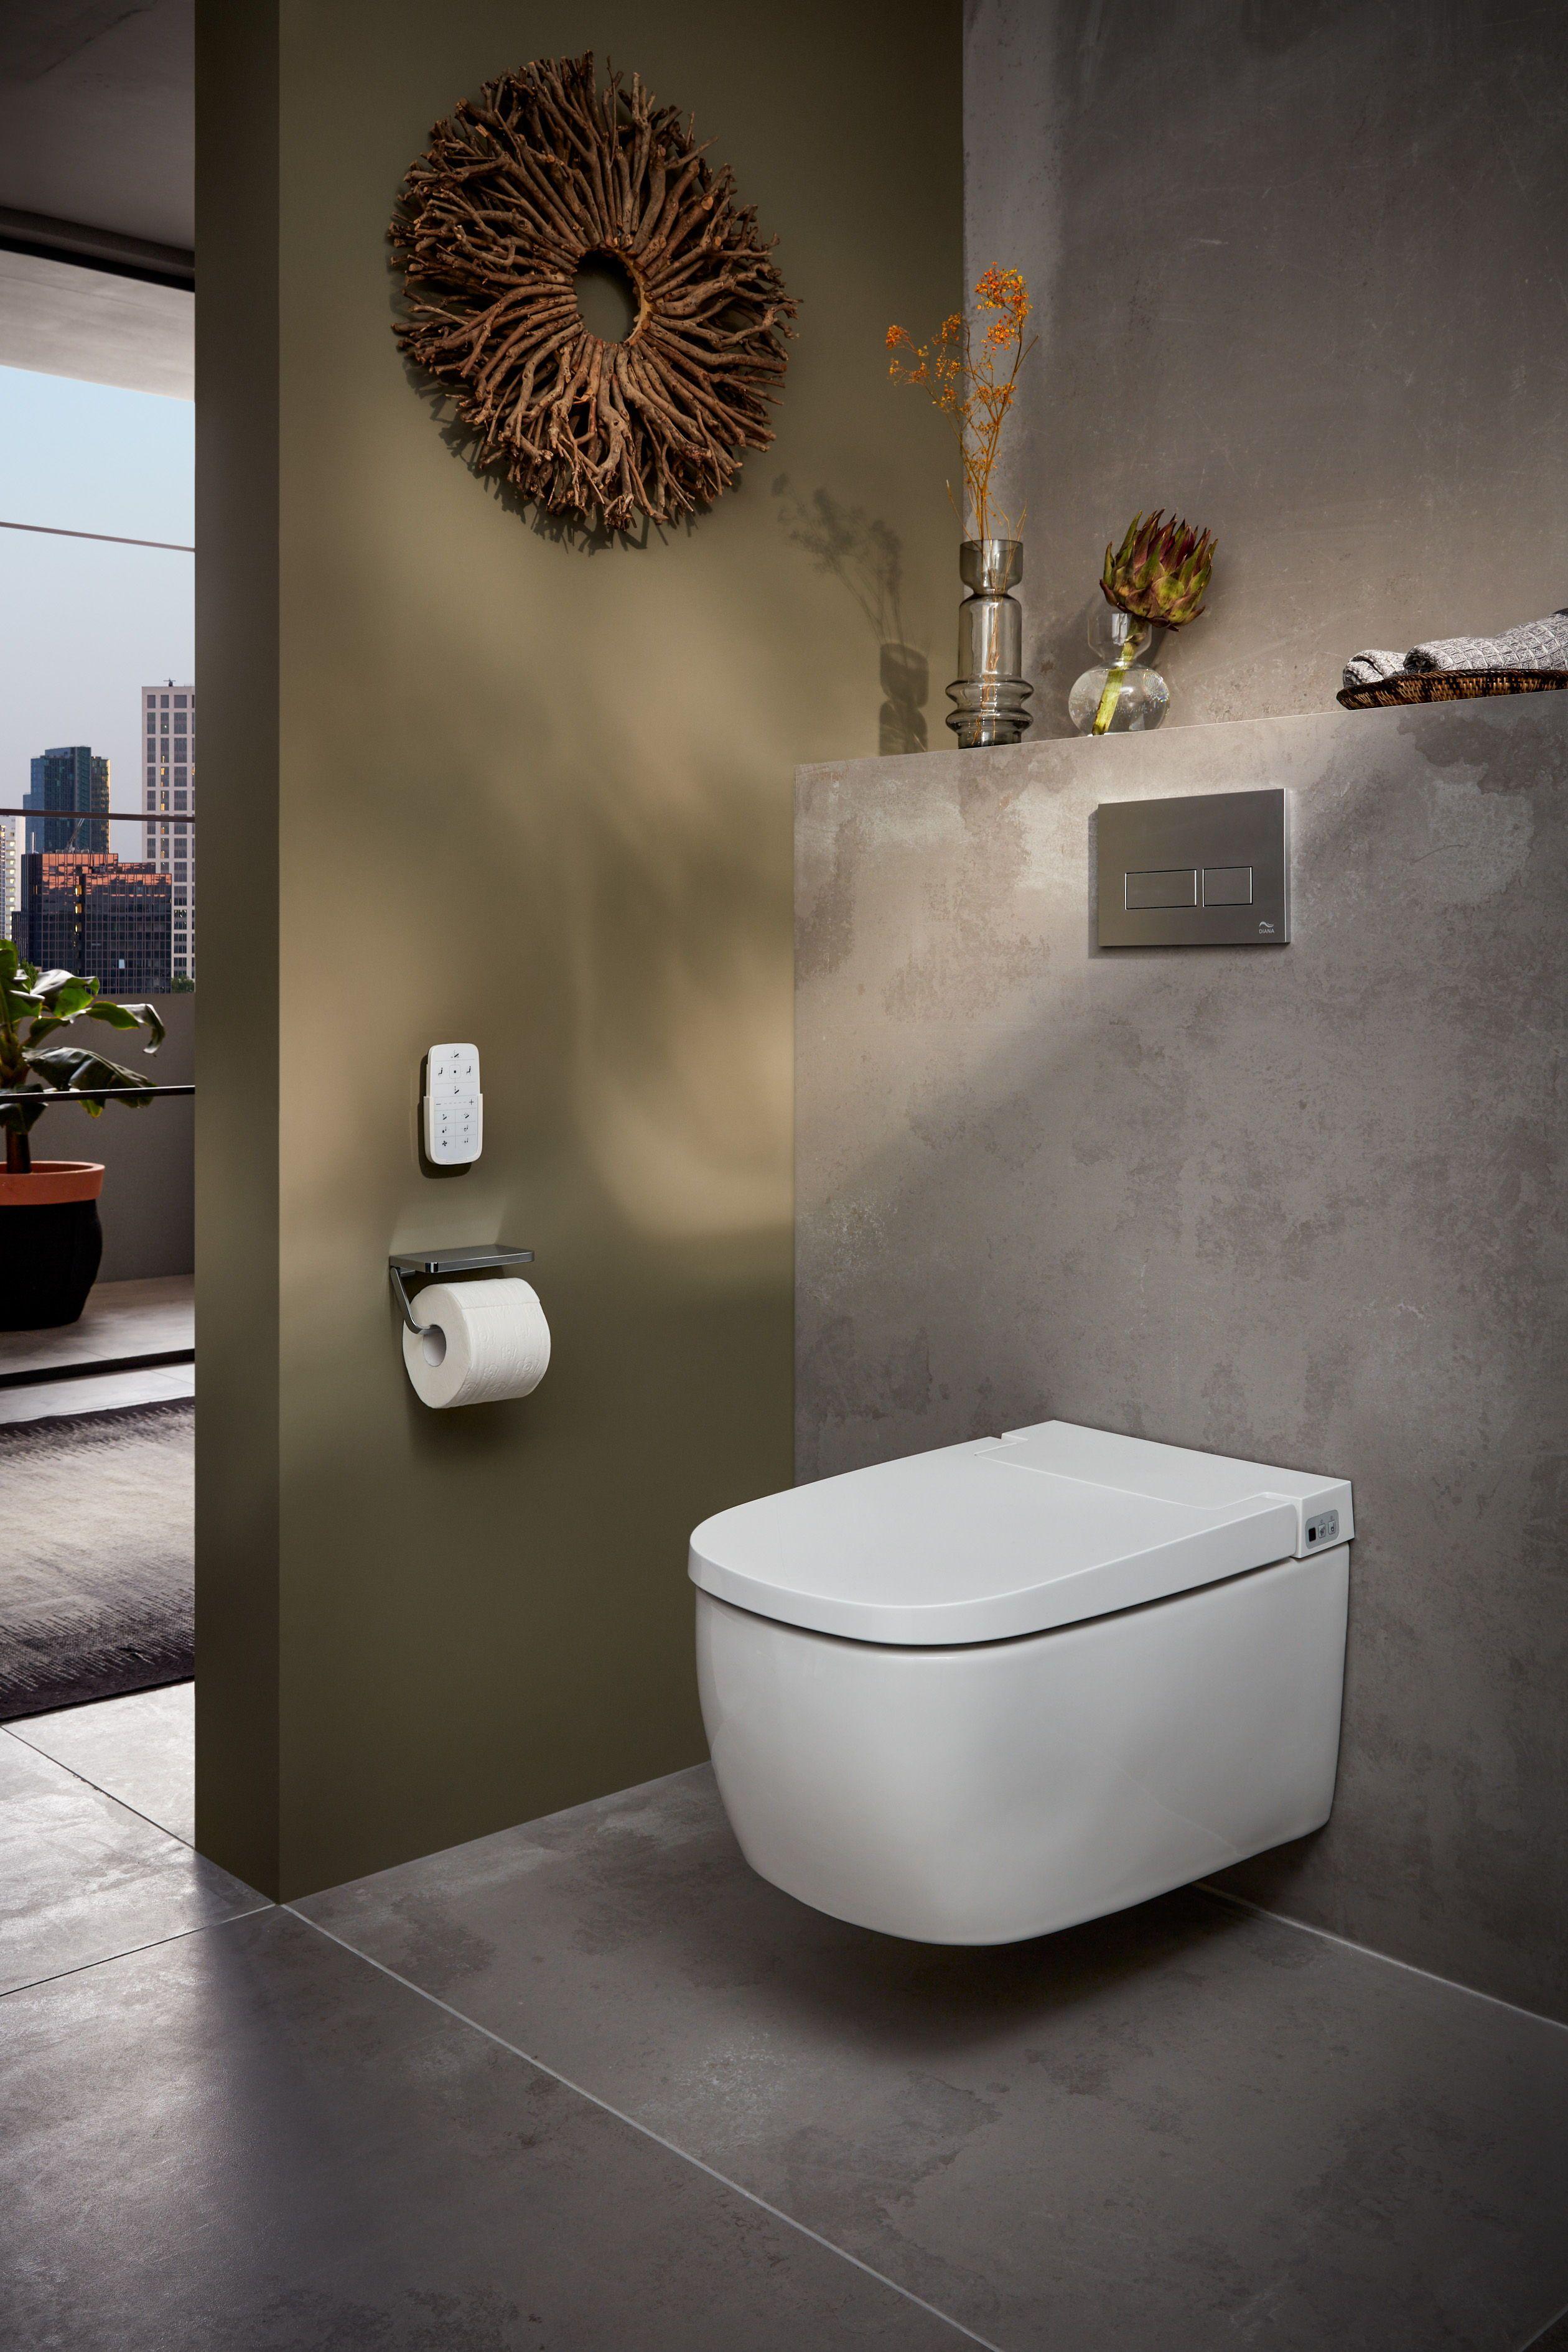 Moderne Toilette Furs Bad In 2020 Moderne Toilette Wc Mit Dusche Bad Renovieren